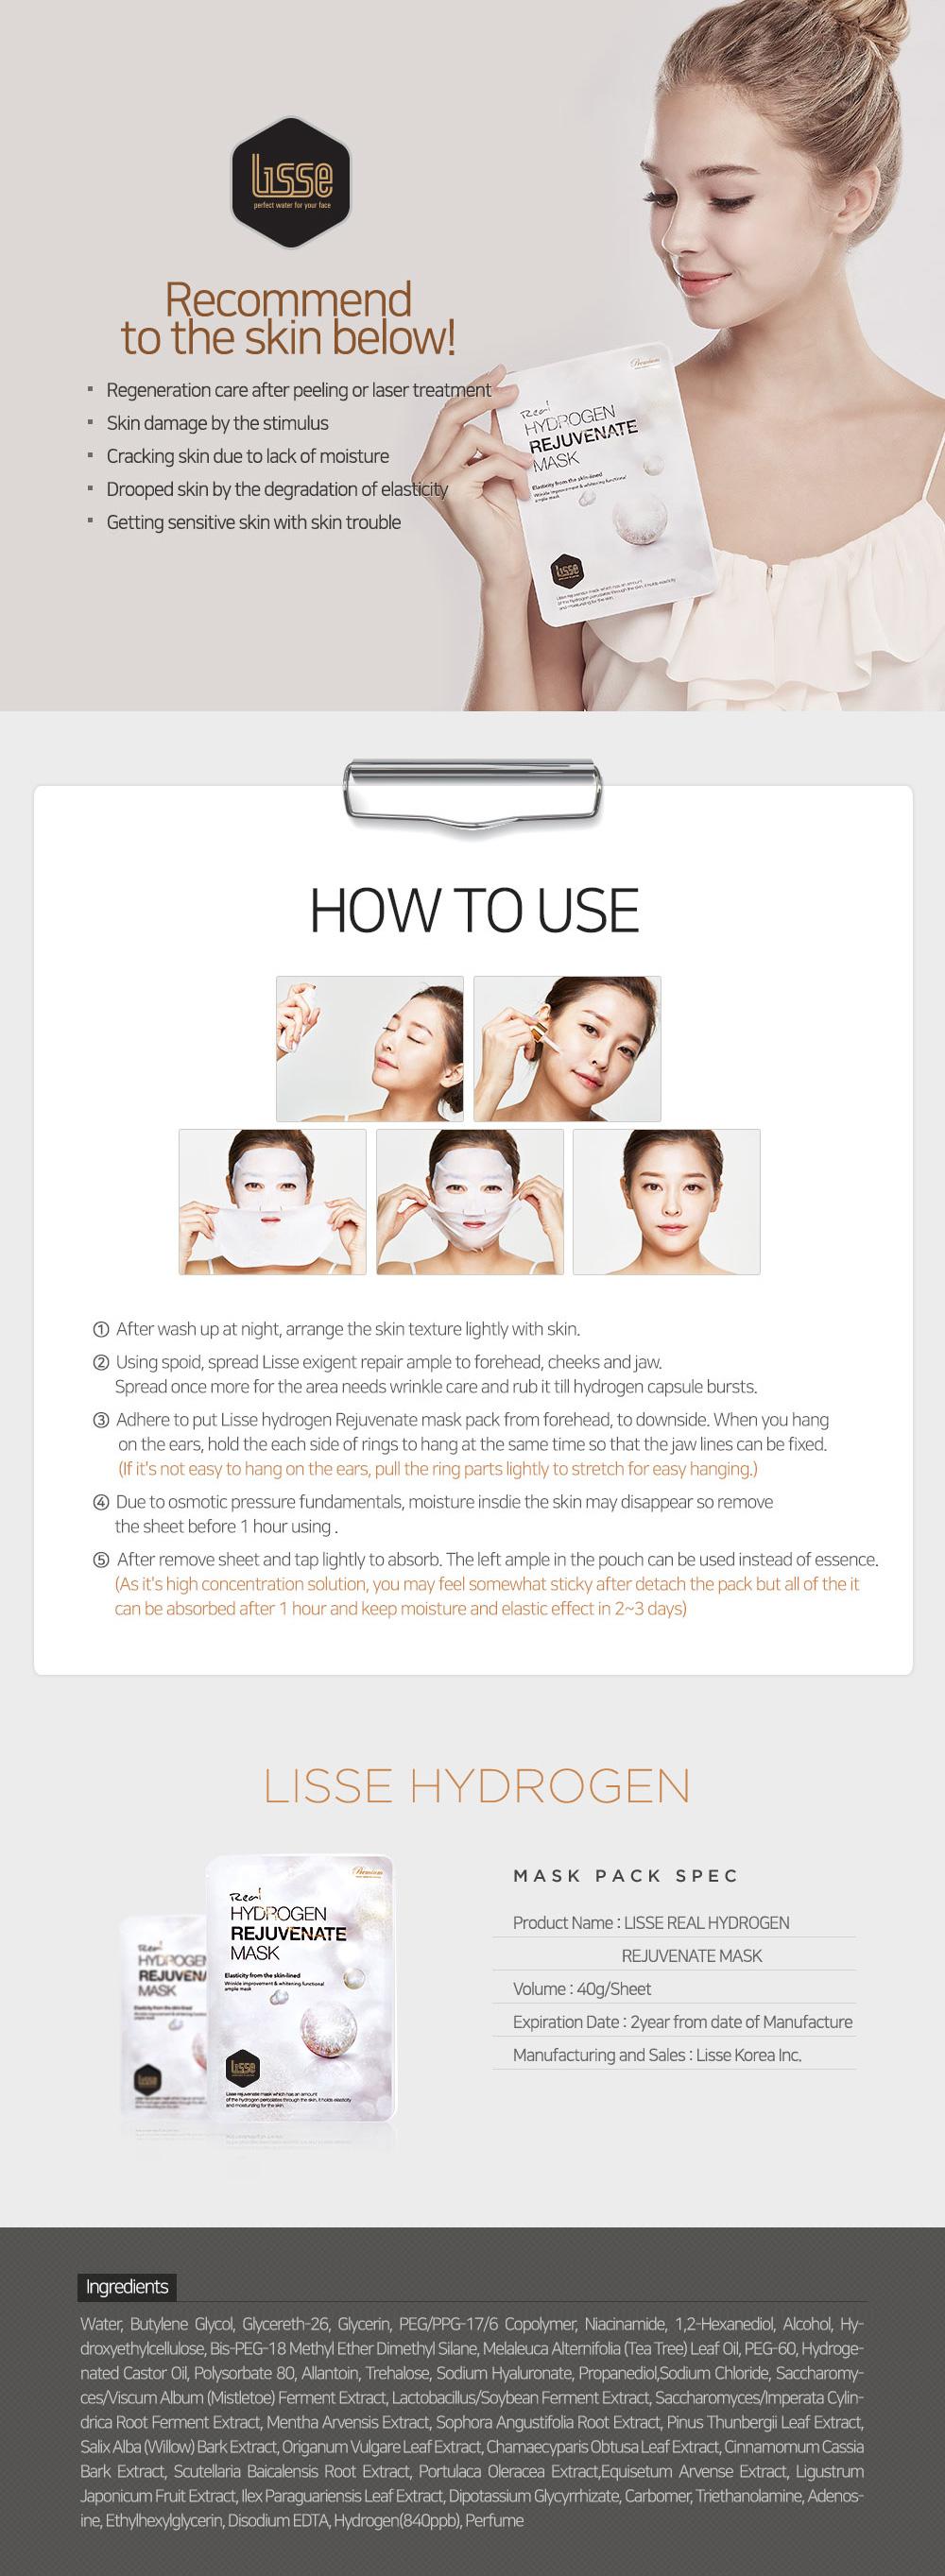 Lisse Real Hydrogen Rejuvenate Mask